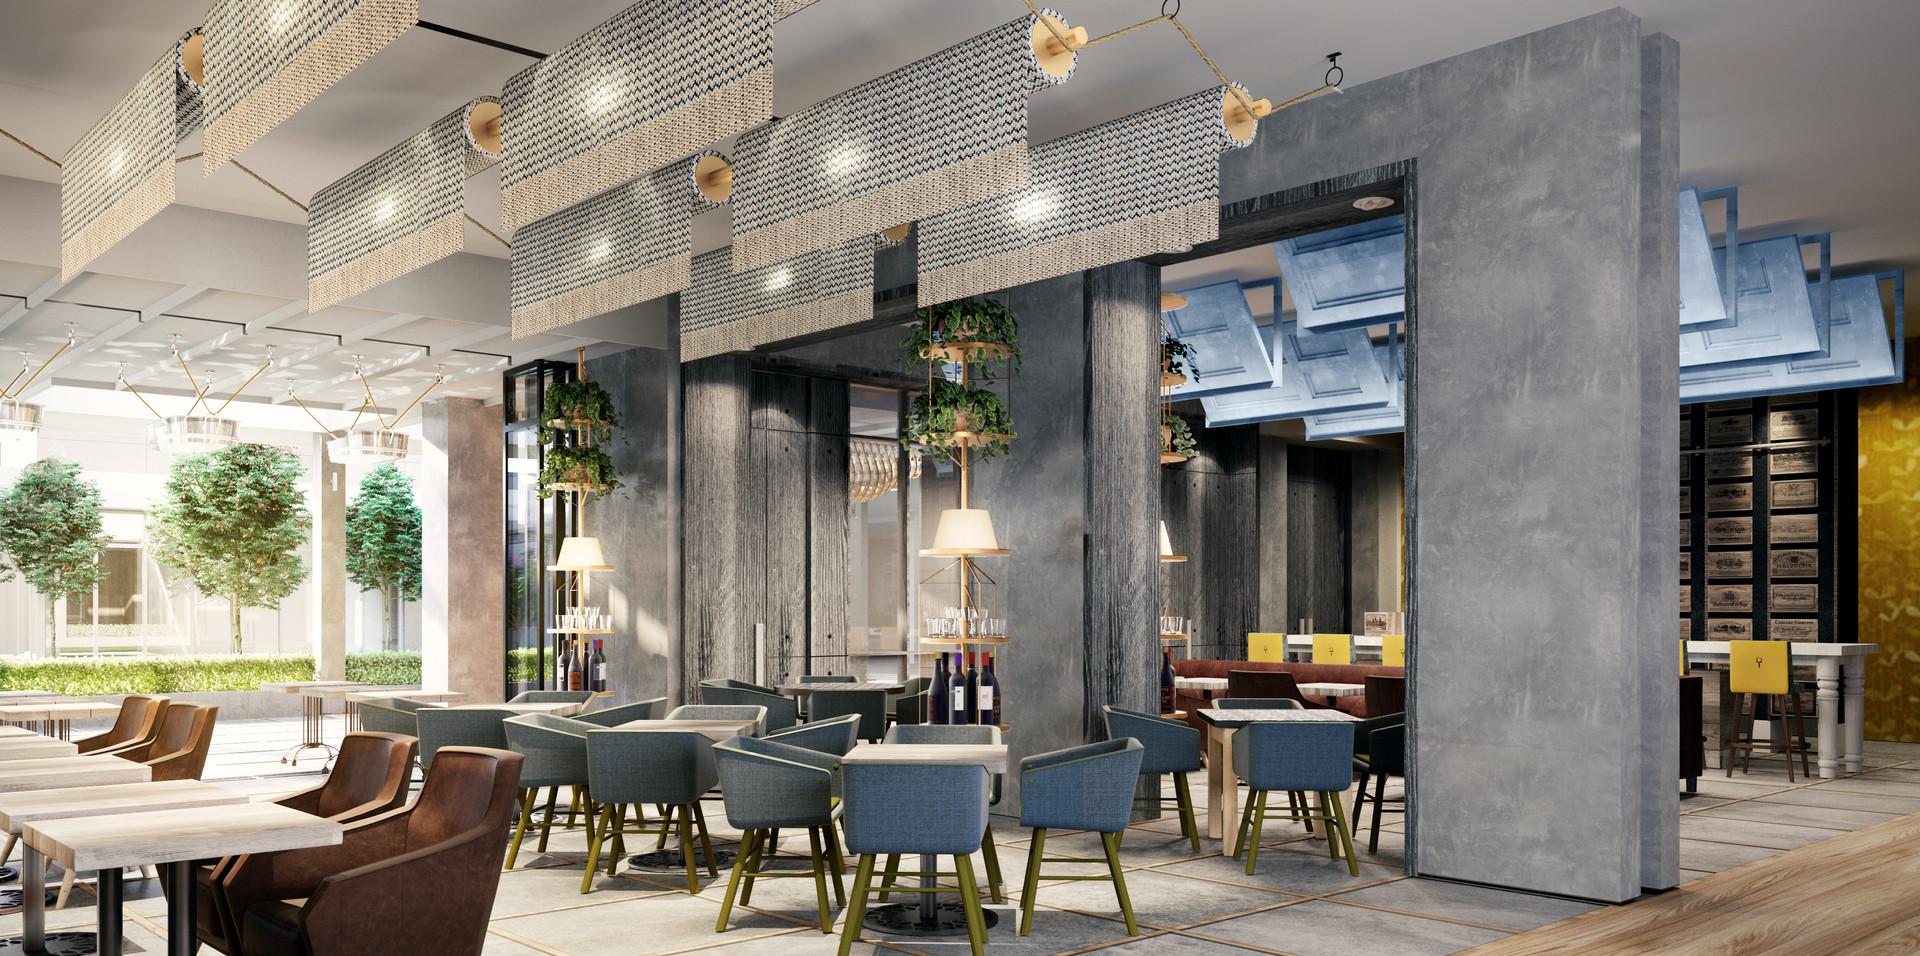 M04-Restaurant01-1.jpg